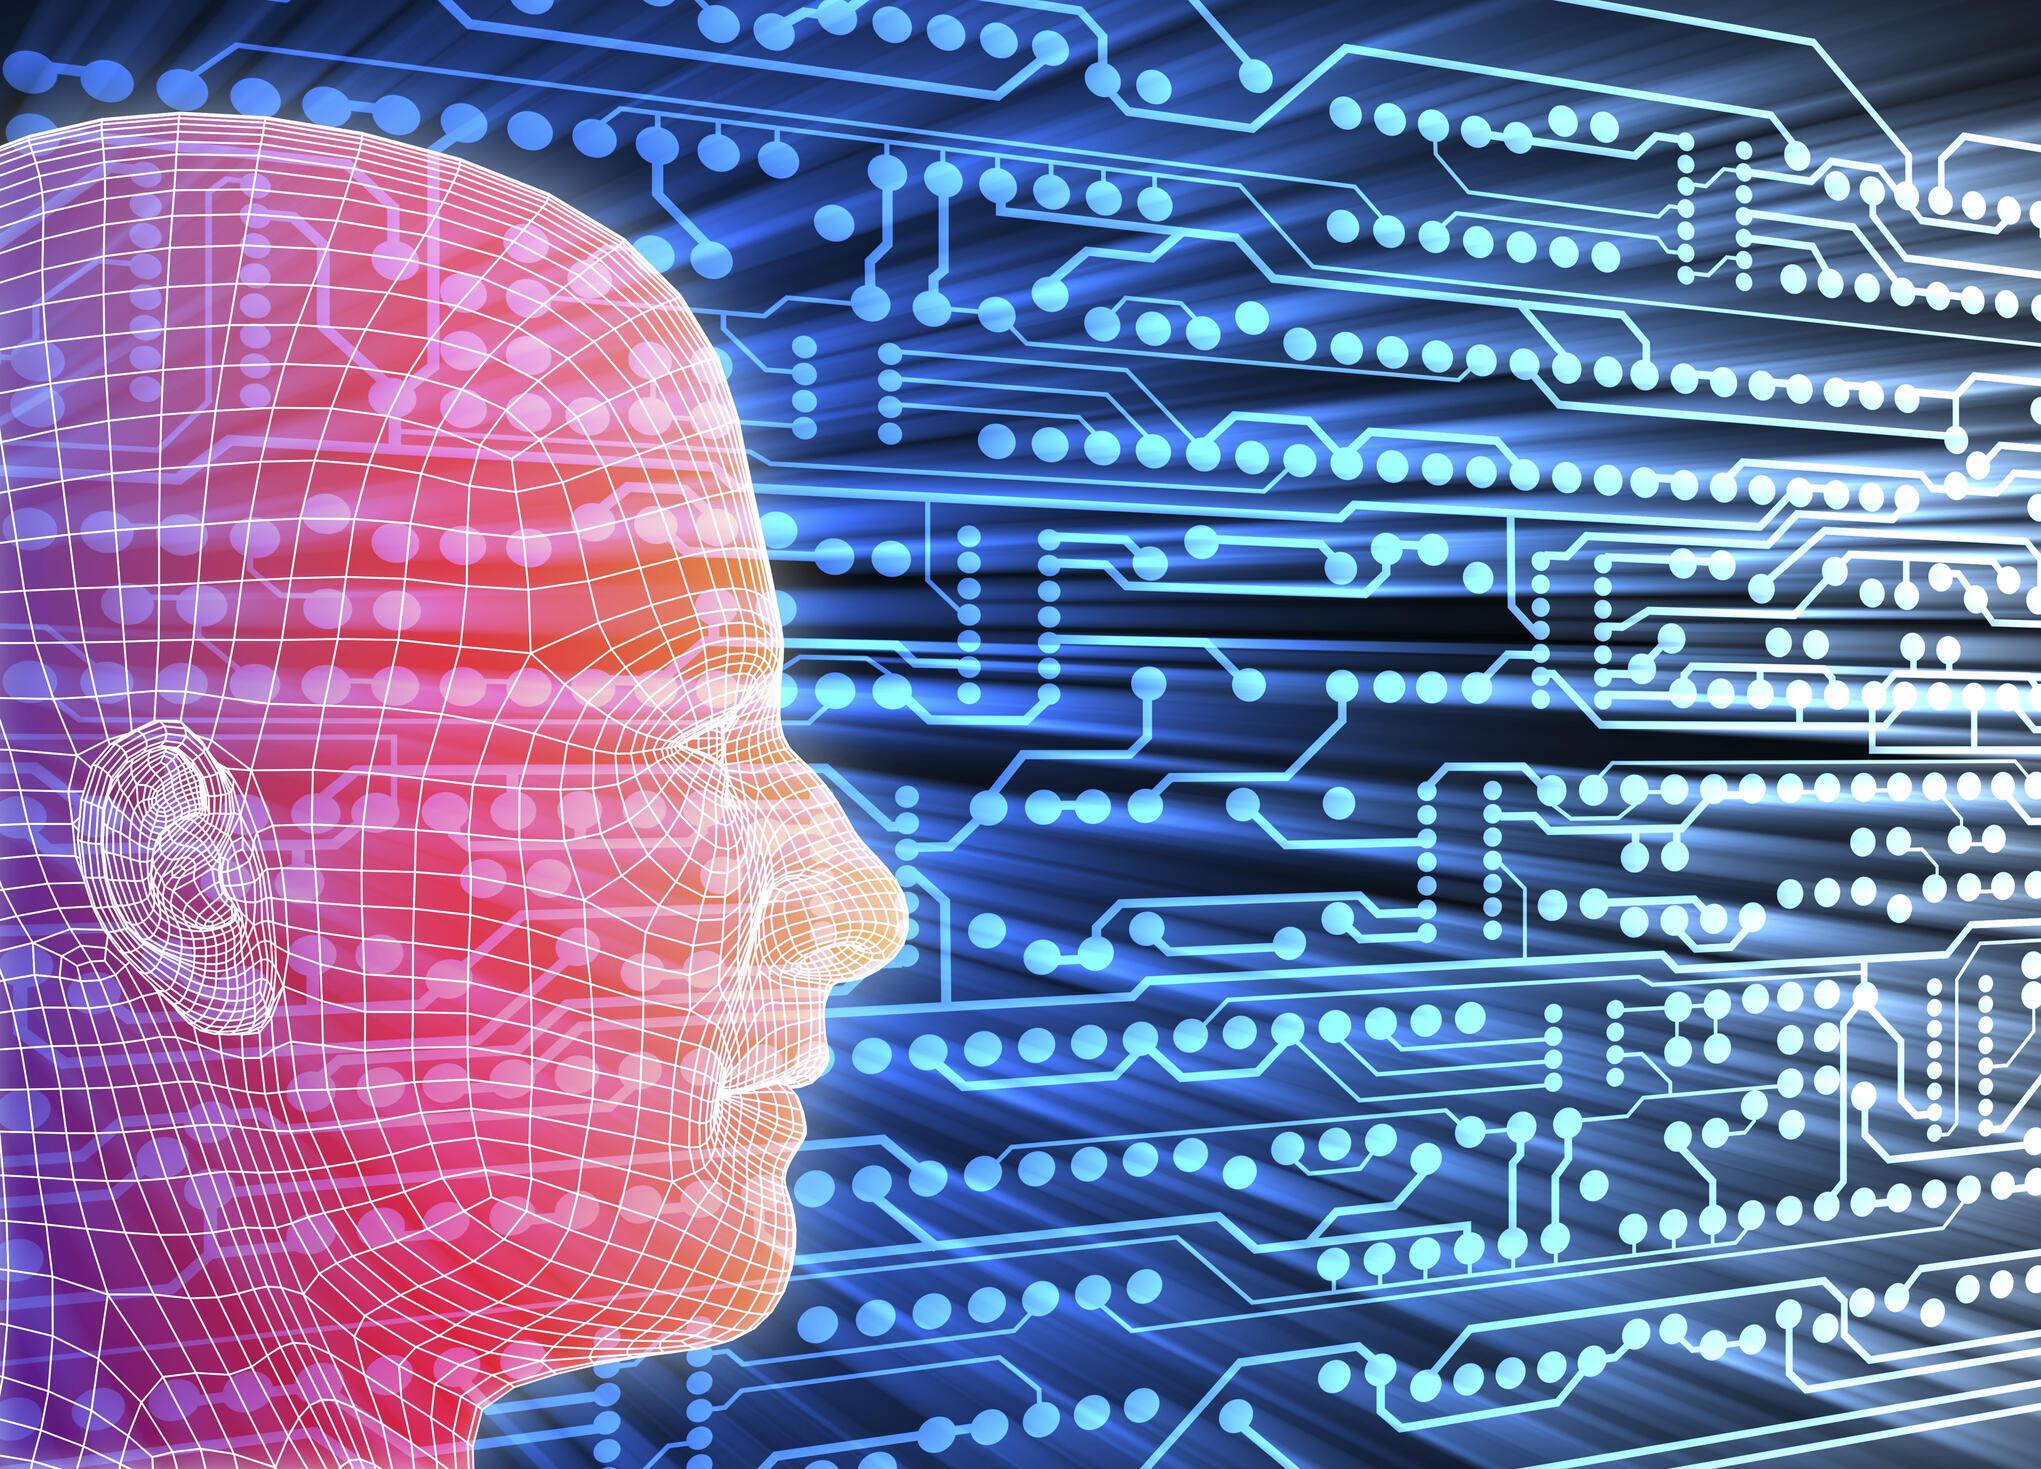 人脸自动识别技术日益应用到日常生活.